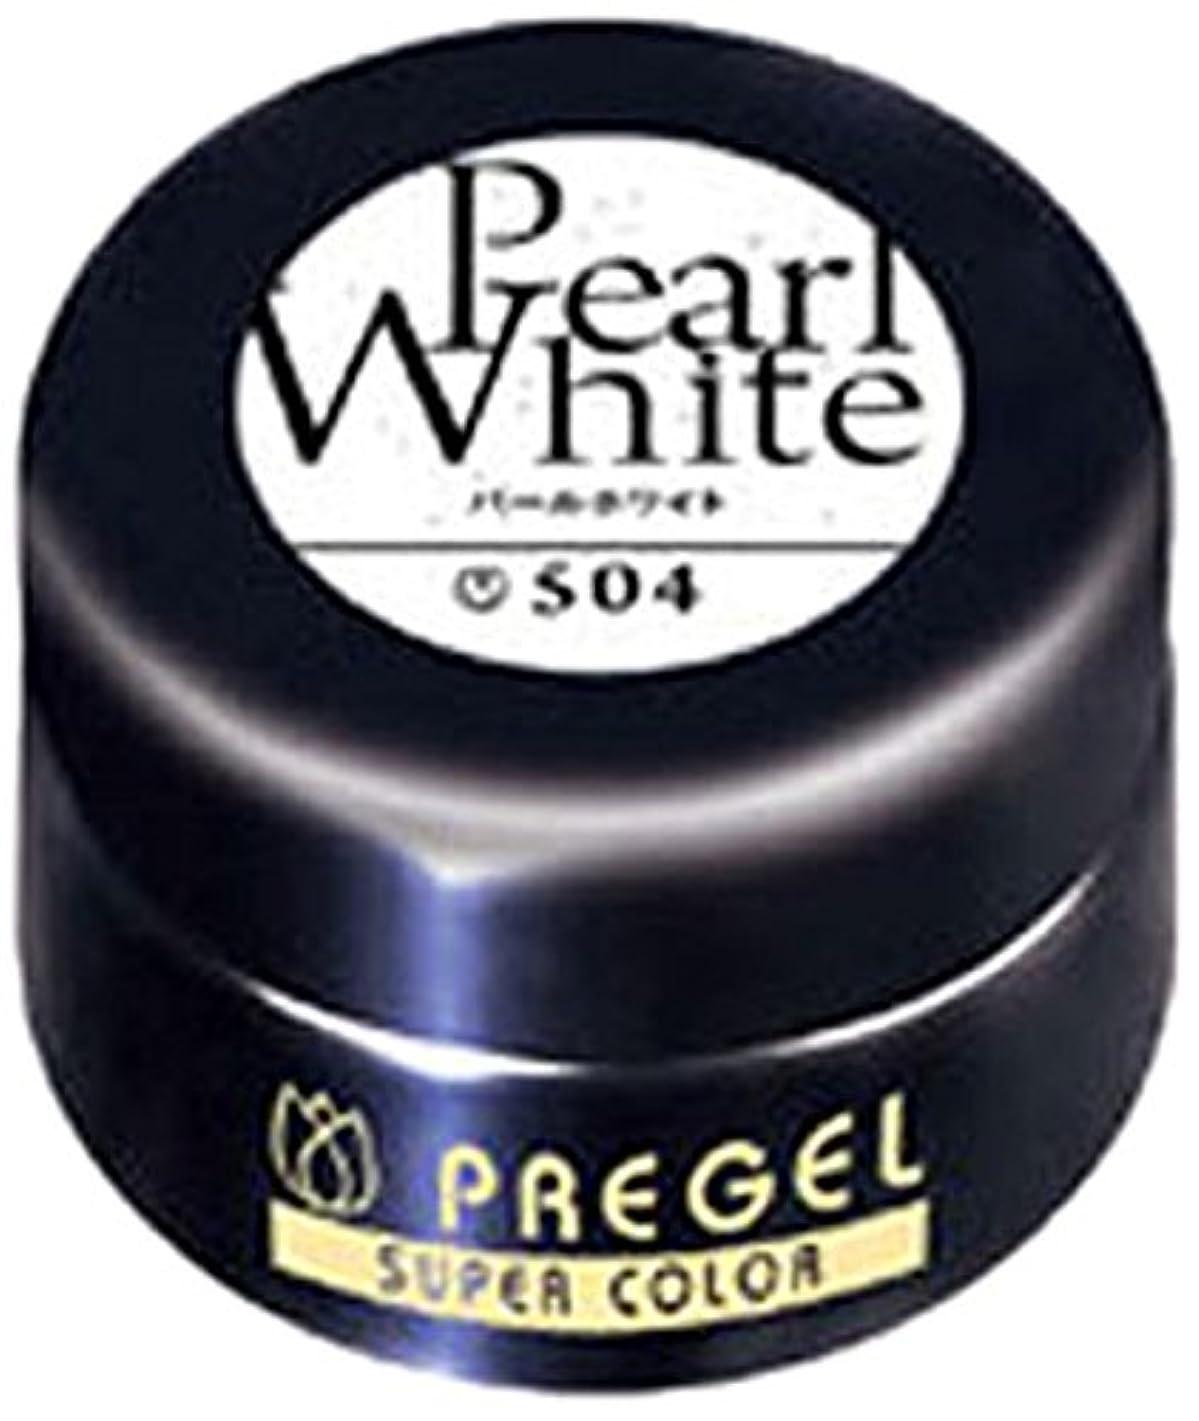 軽減する行動小人プリジェル スーパーカラーEX パールホワイト 4g PG-SE504 カラージェル UV/LED対応